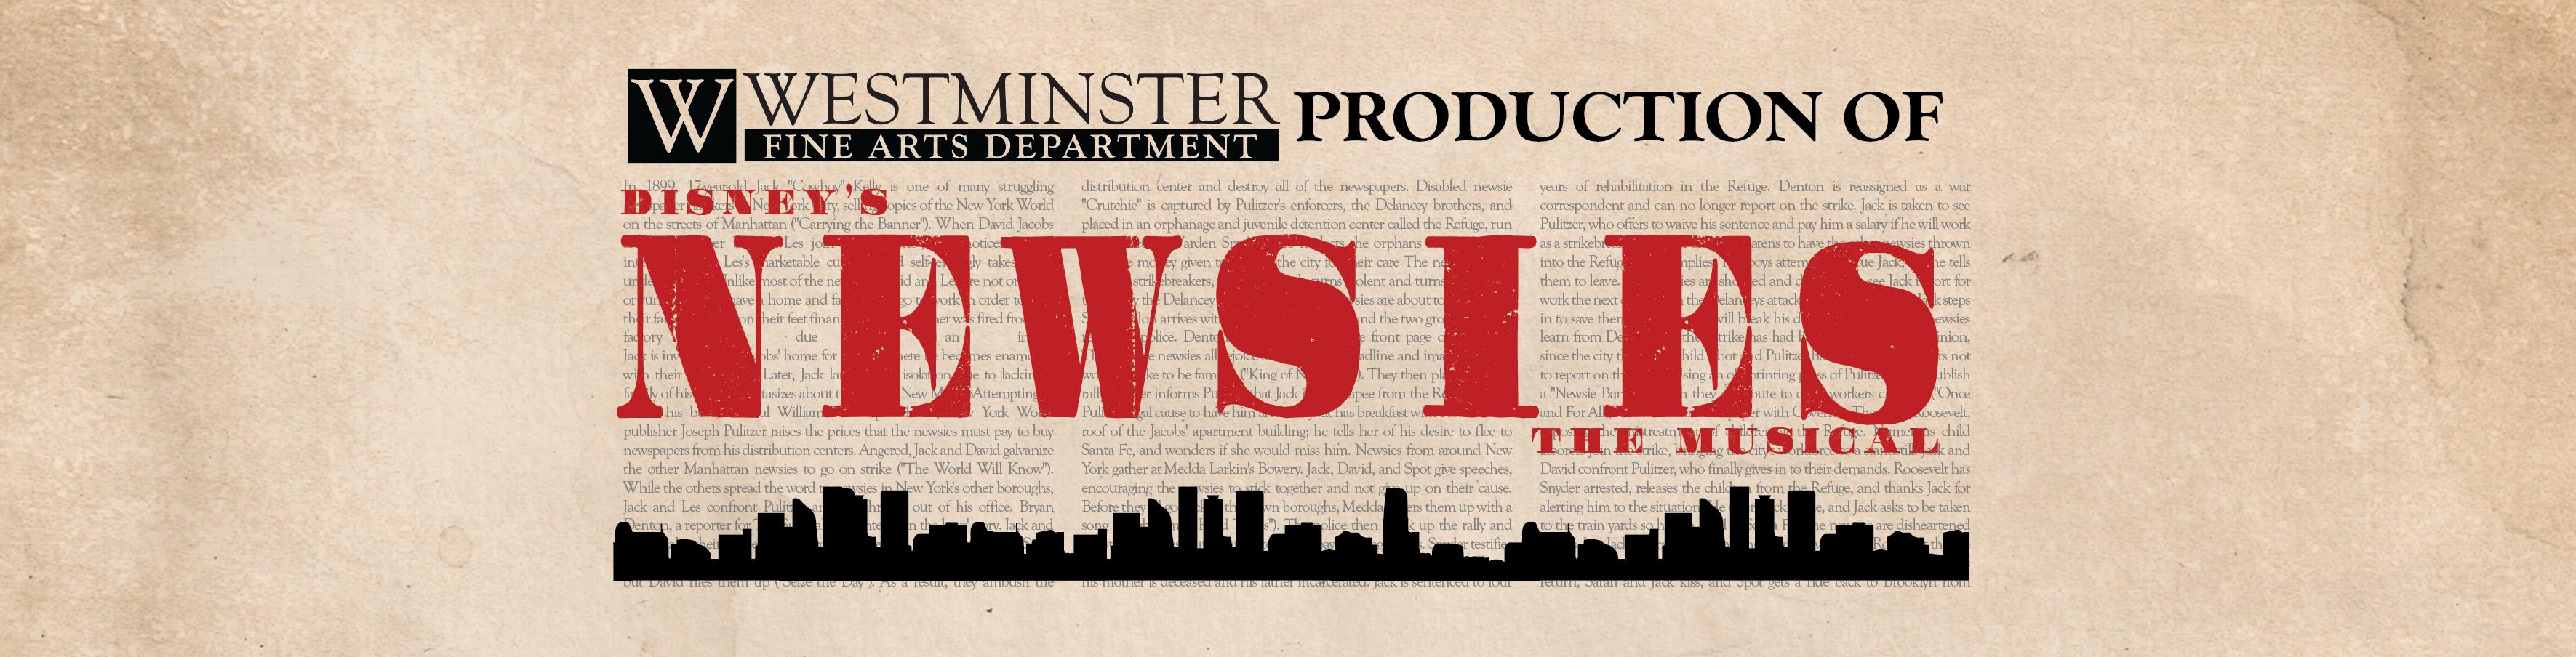 Newsies Header 2   Westminster